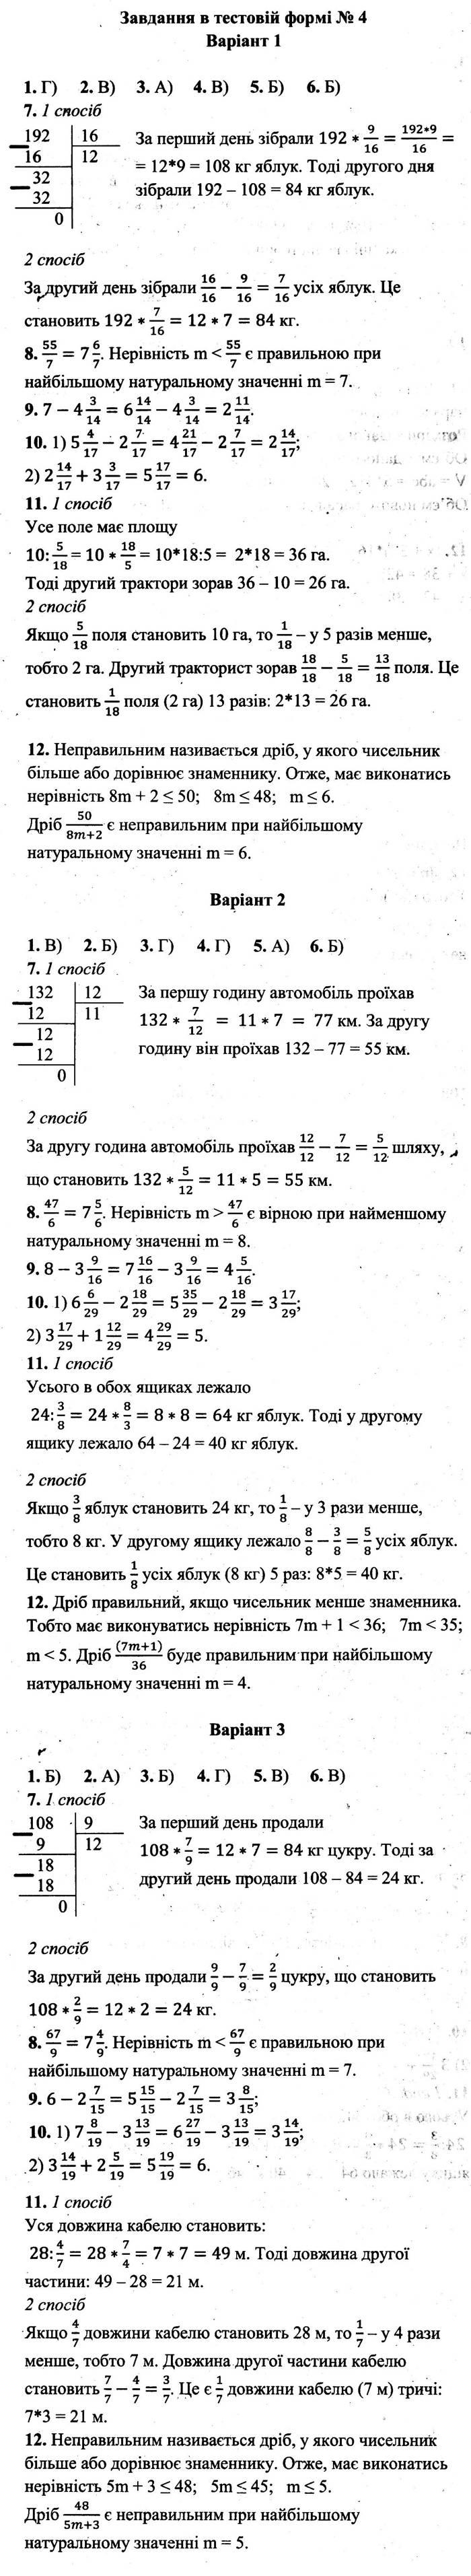 Розв'язання завдань до тестової роботи 4 посібника 5 клас Математика Мерзляк (збірник самостійних робіт і тестів) 2020 рік